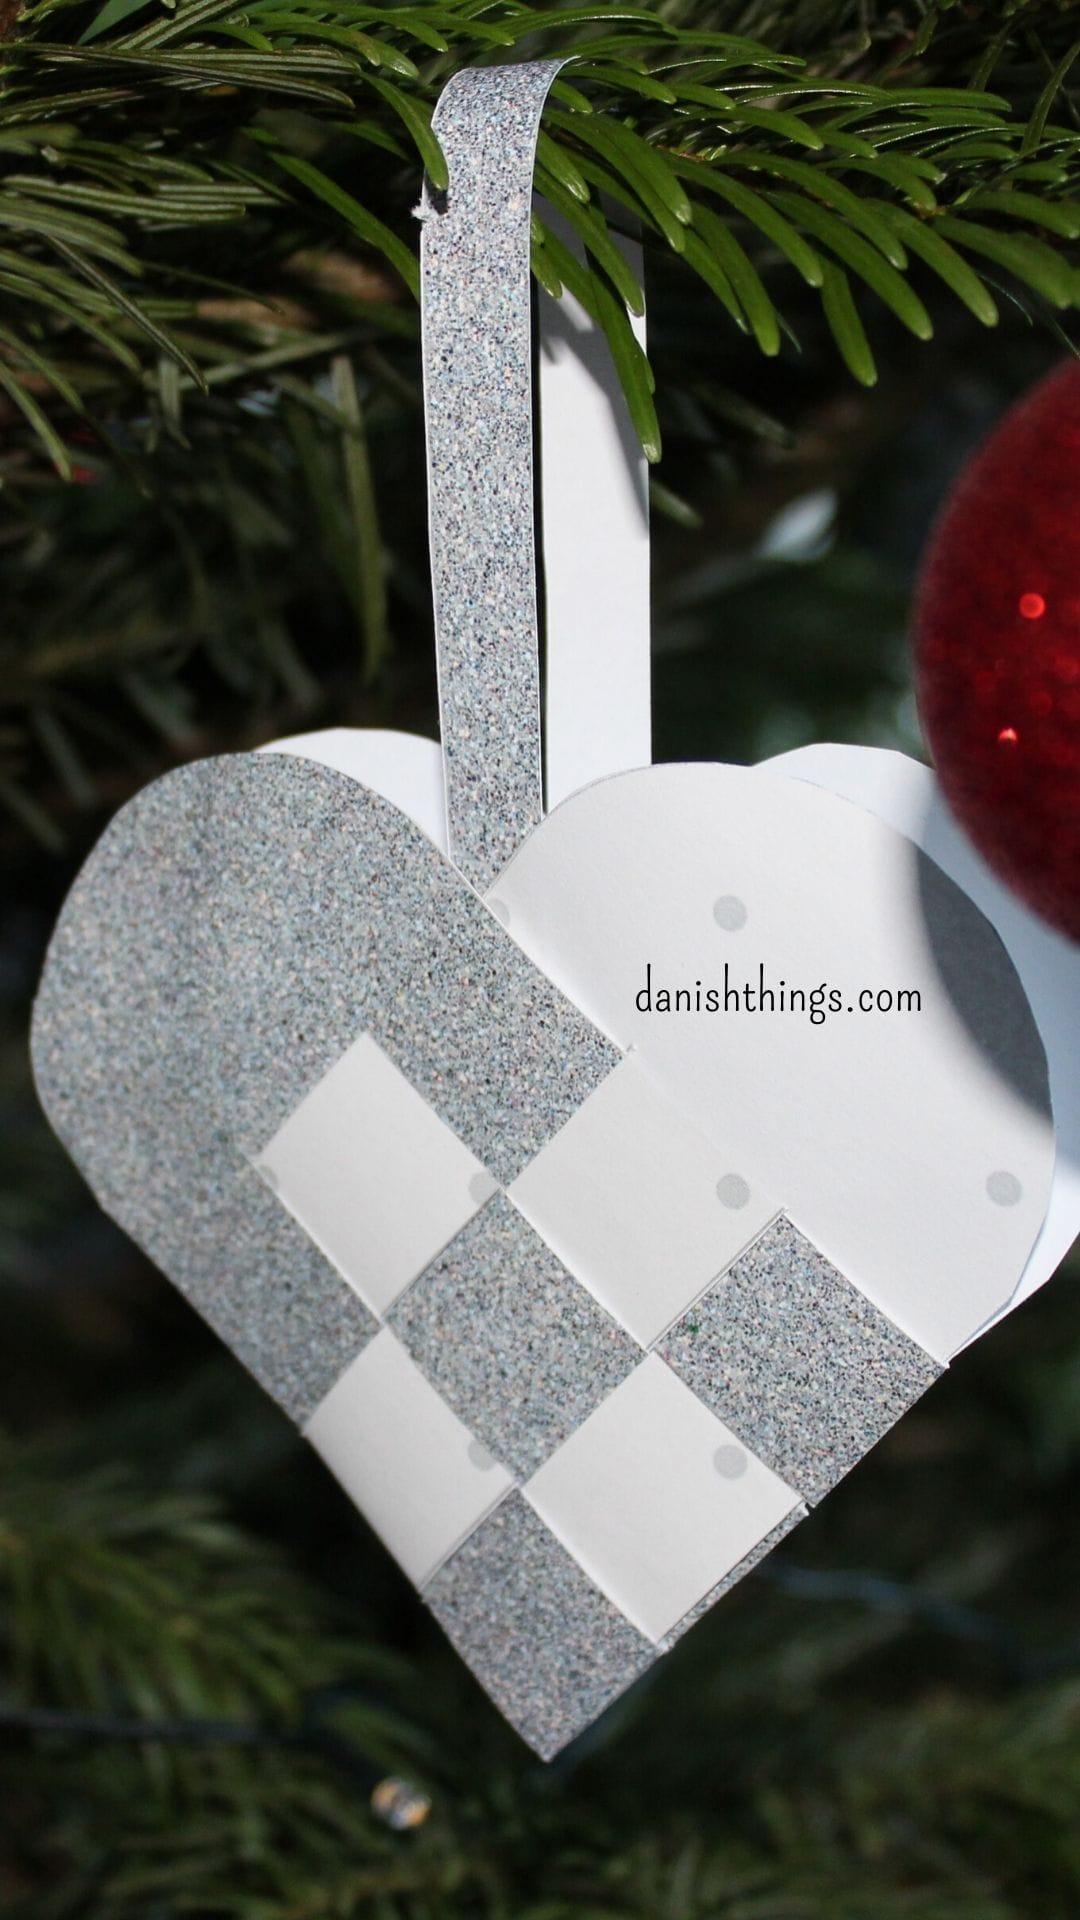 Sådan fletter du et julehjerte. Flettede julehjerter, find skabeloner og hjerter til print, vælg om du vil printe, klippe og flette et færdigt fint julehjerte, eller bruge skabelonerne og dit eget papir. Find inspiration til årets gang på danishthings.com